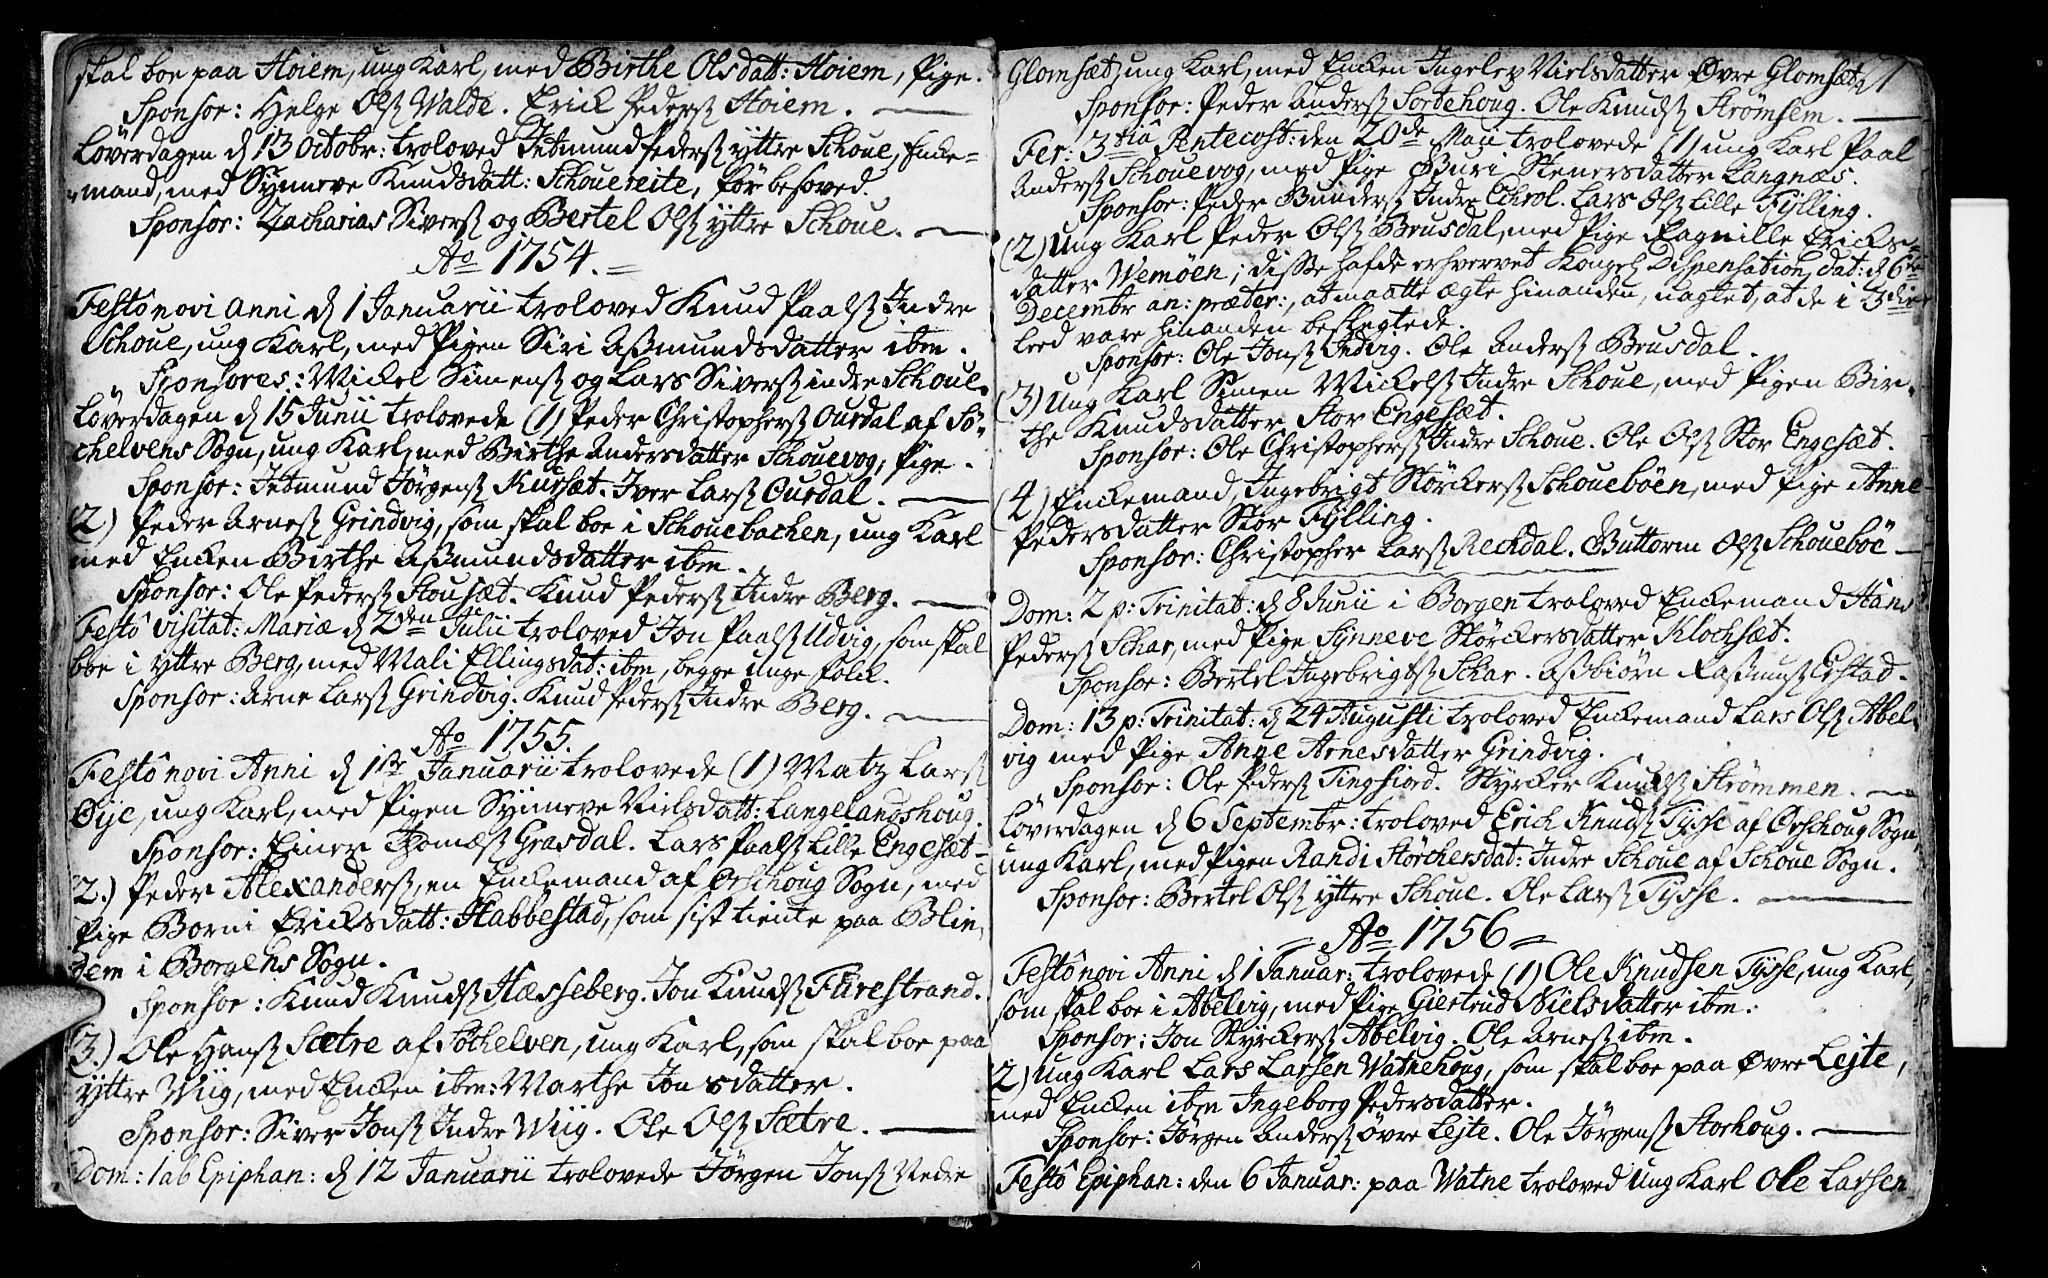 SAT, Ministerialprotokoller, klokkerbøker og fødselsregistre - Møre og Romsdal, 524/L0349: Ministerialbok nr. 524A01, 1698-1779, s. 21